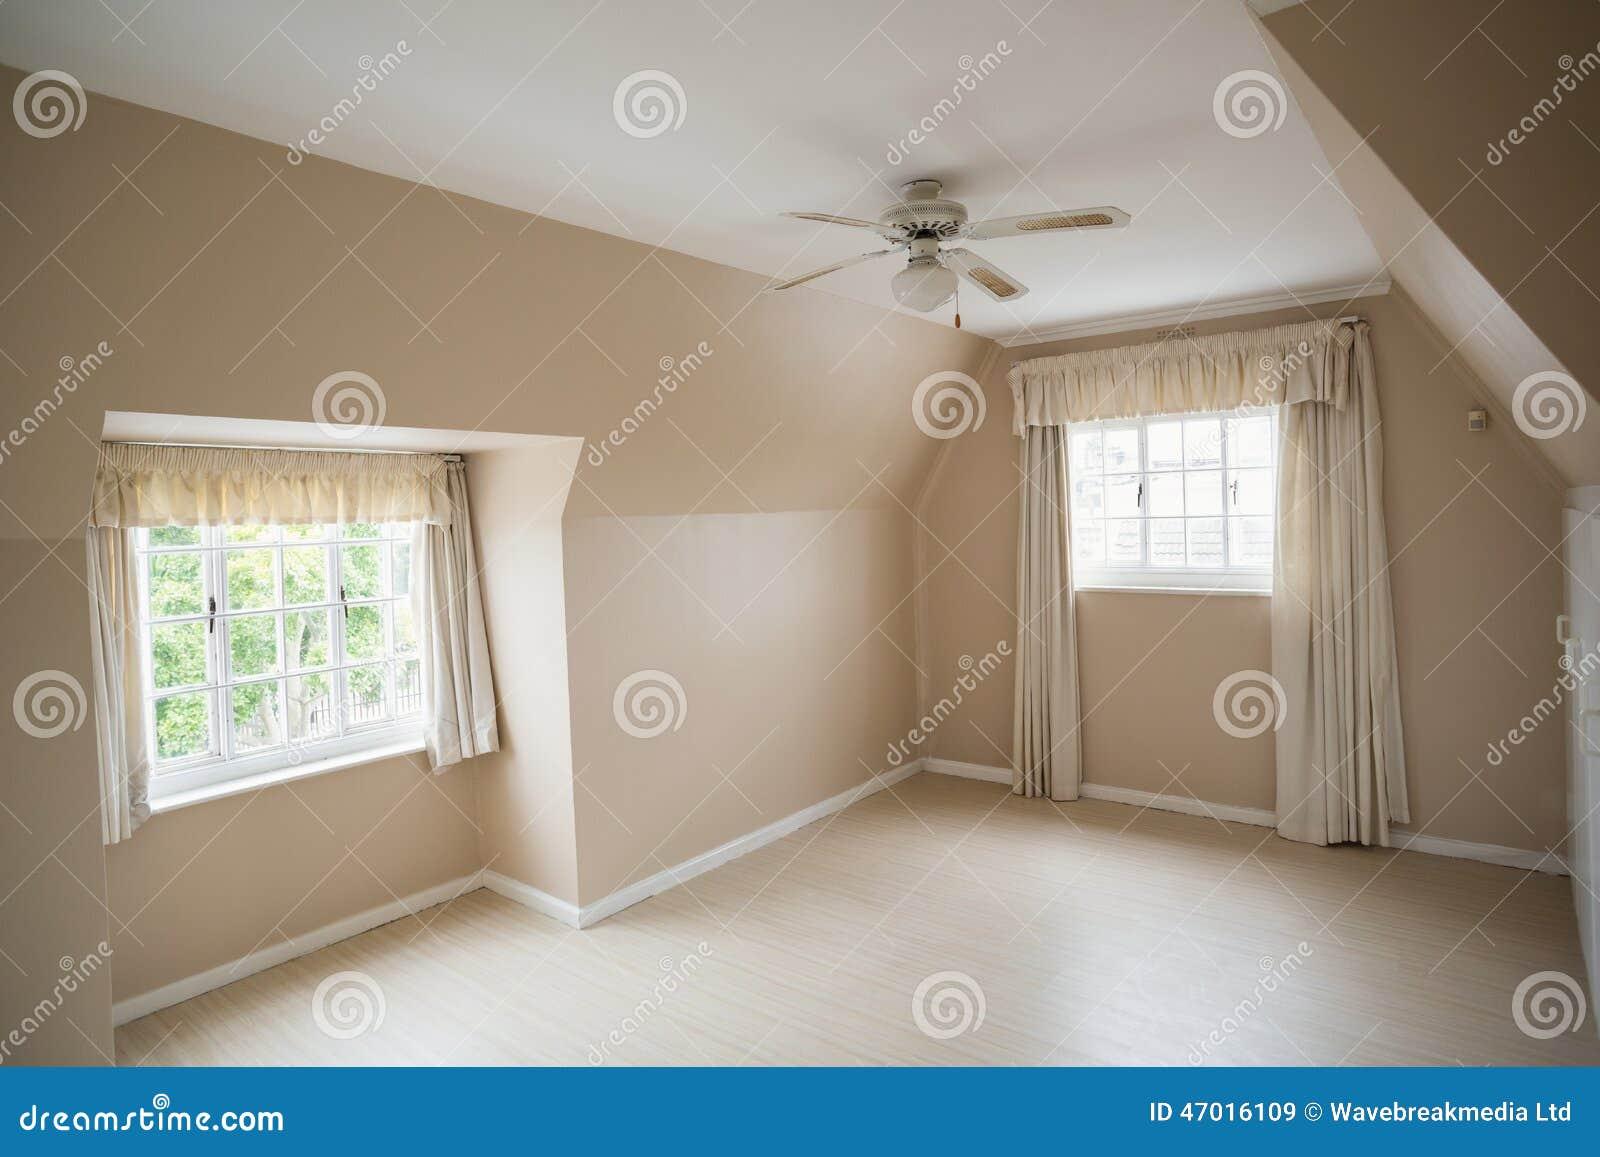 Camera da letto principale vuota in crema e nel beige for Camera da letto principale seminterrato